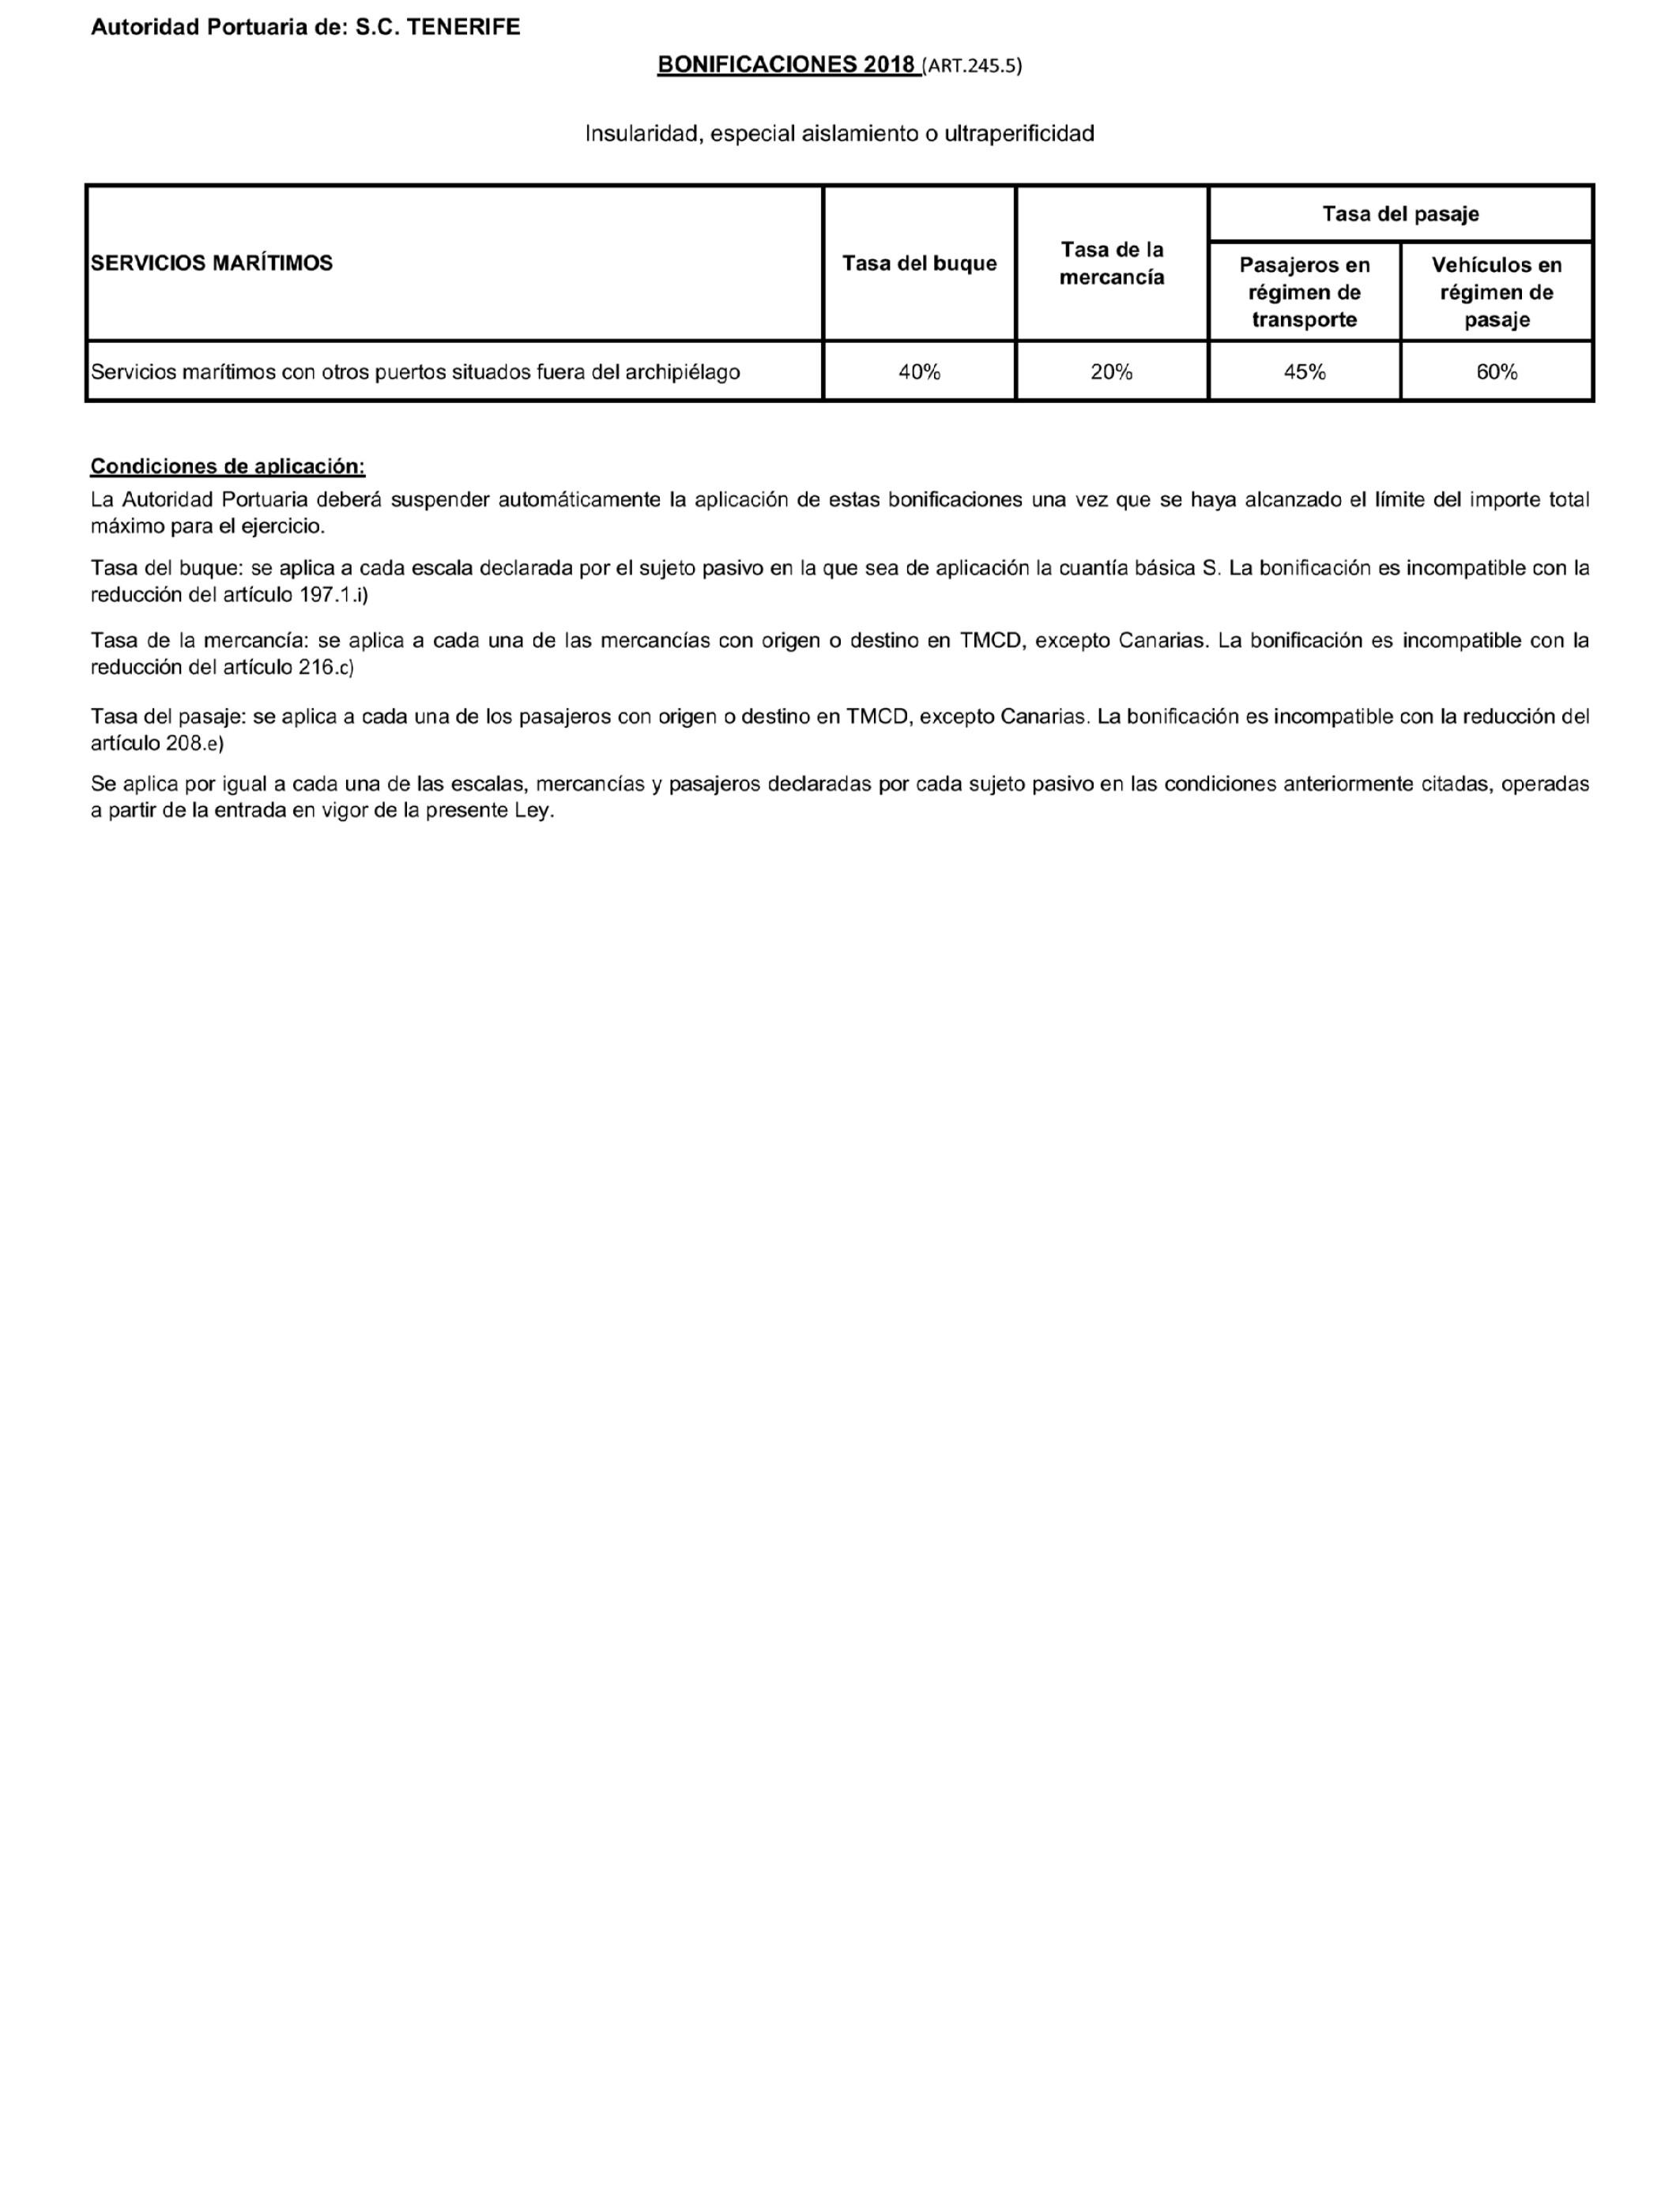 Calendario Escolar 2019 Valencia Pdf Recientes Boe Documento Boe A 2018 9268 Of Calendario Escolar 2019 Valencia Pdf Más Populares Etsid